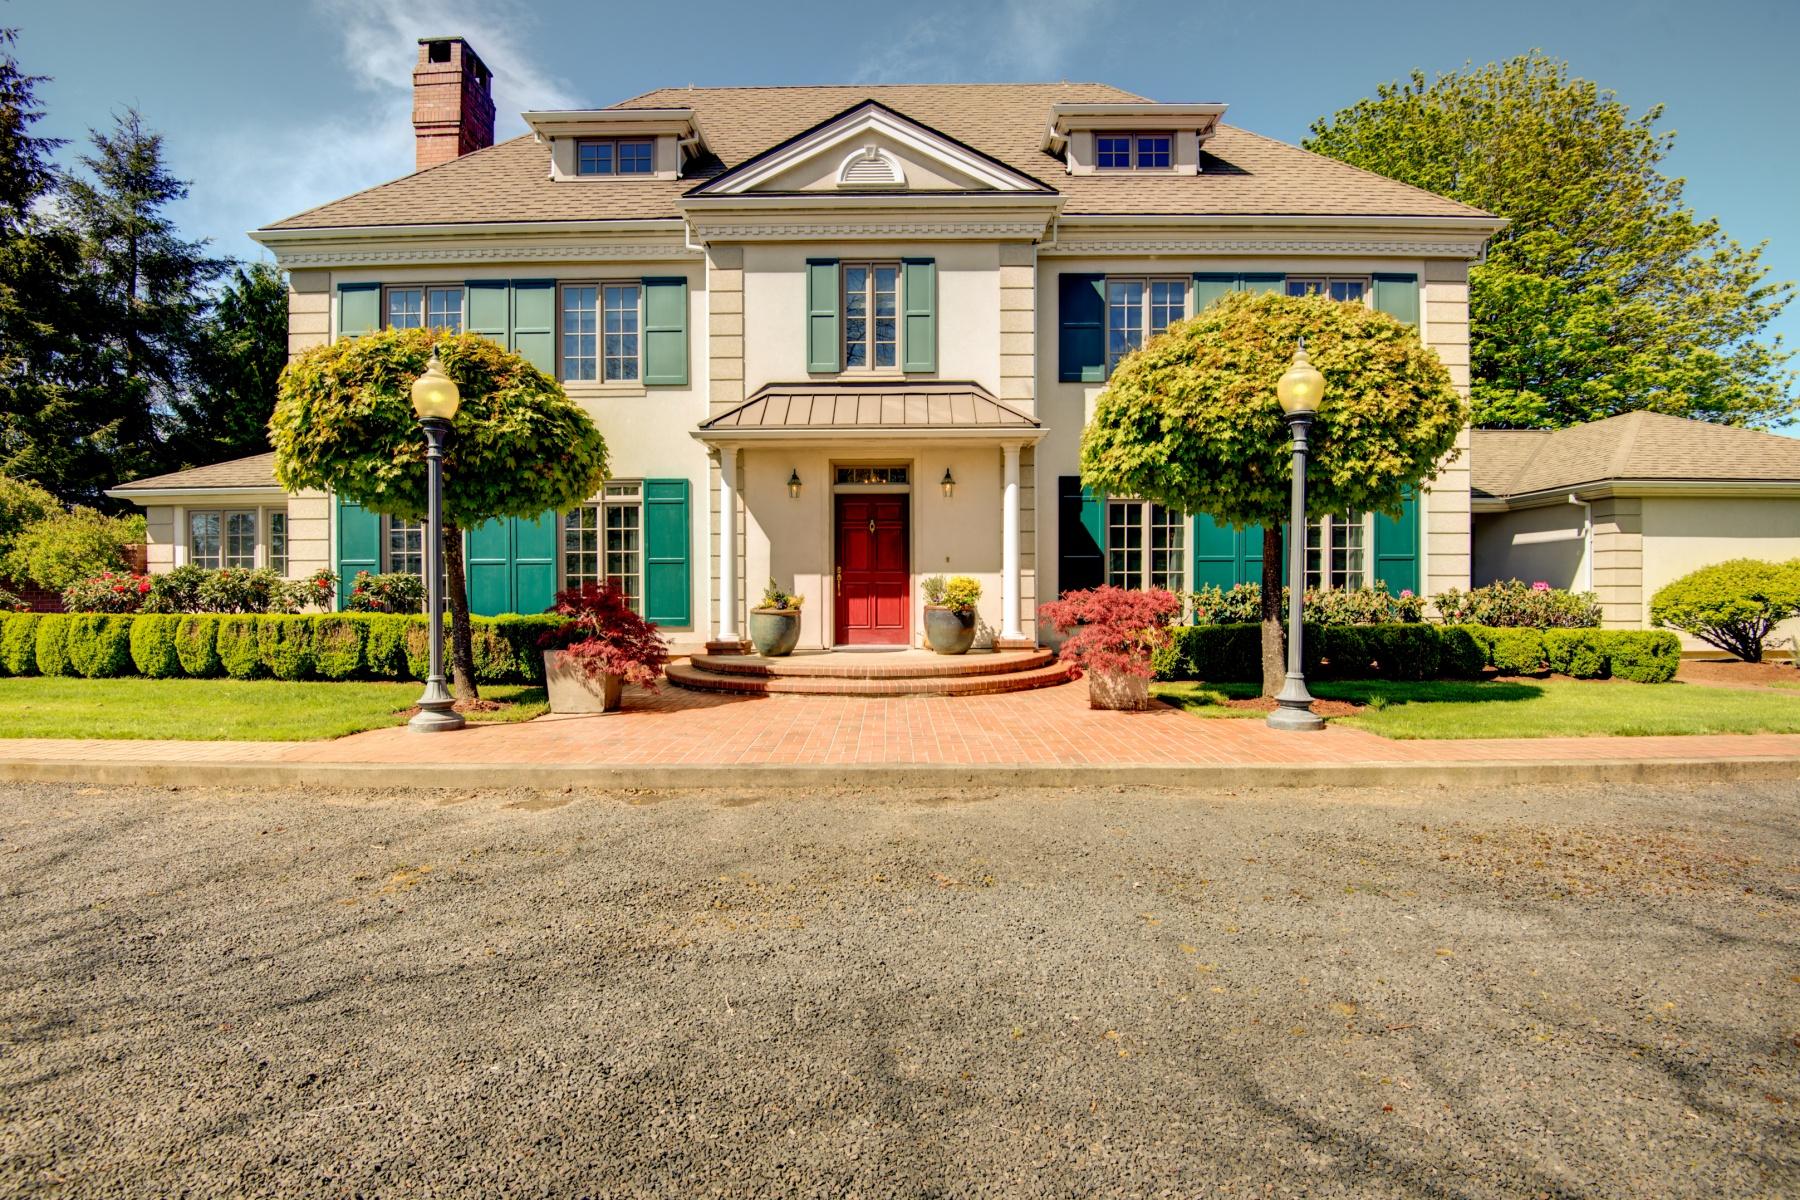 Maison unifamiliale pour l Vente à Exquisite Georgian Estate on 5 Acres 805 LONE OAK Rd Longview, Washington 98632 États-Unis